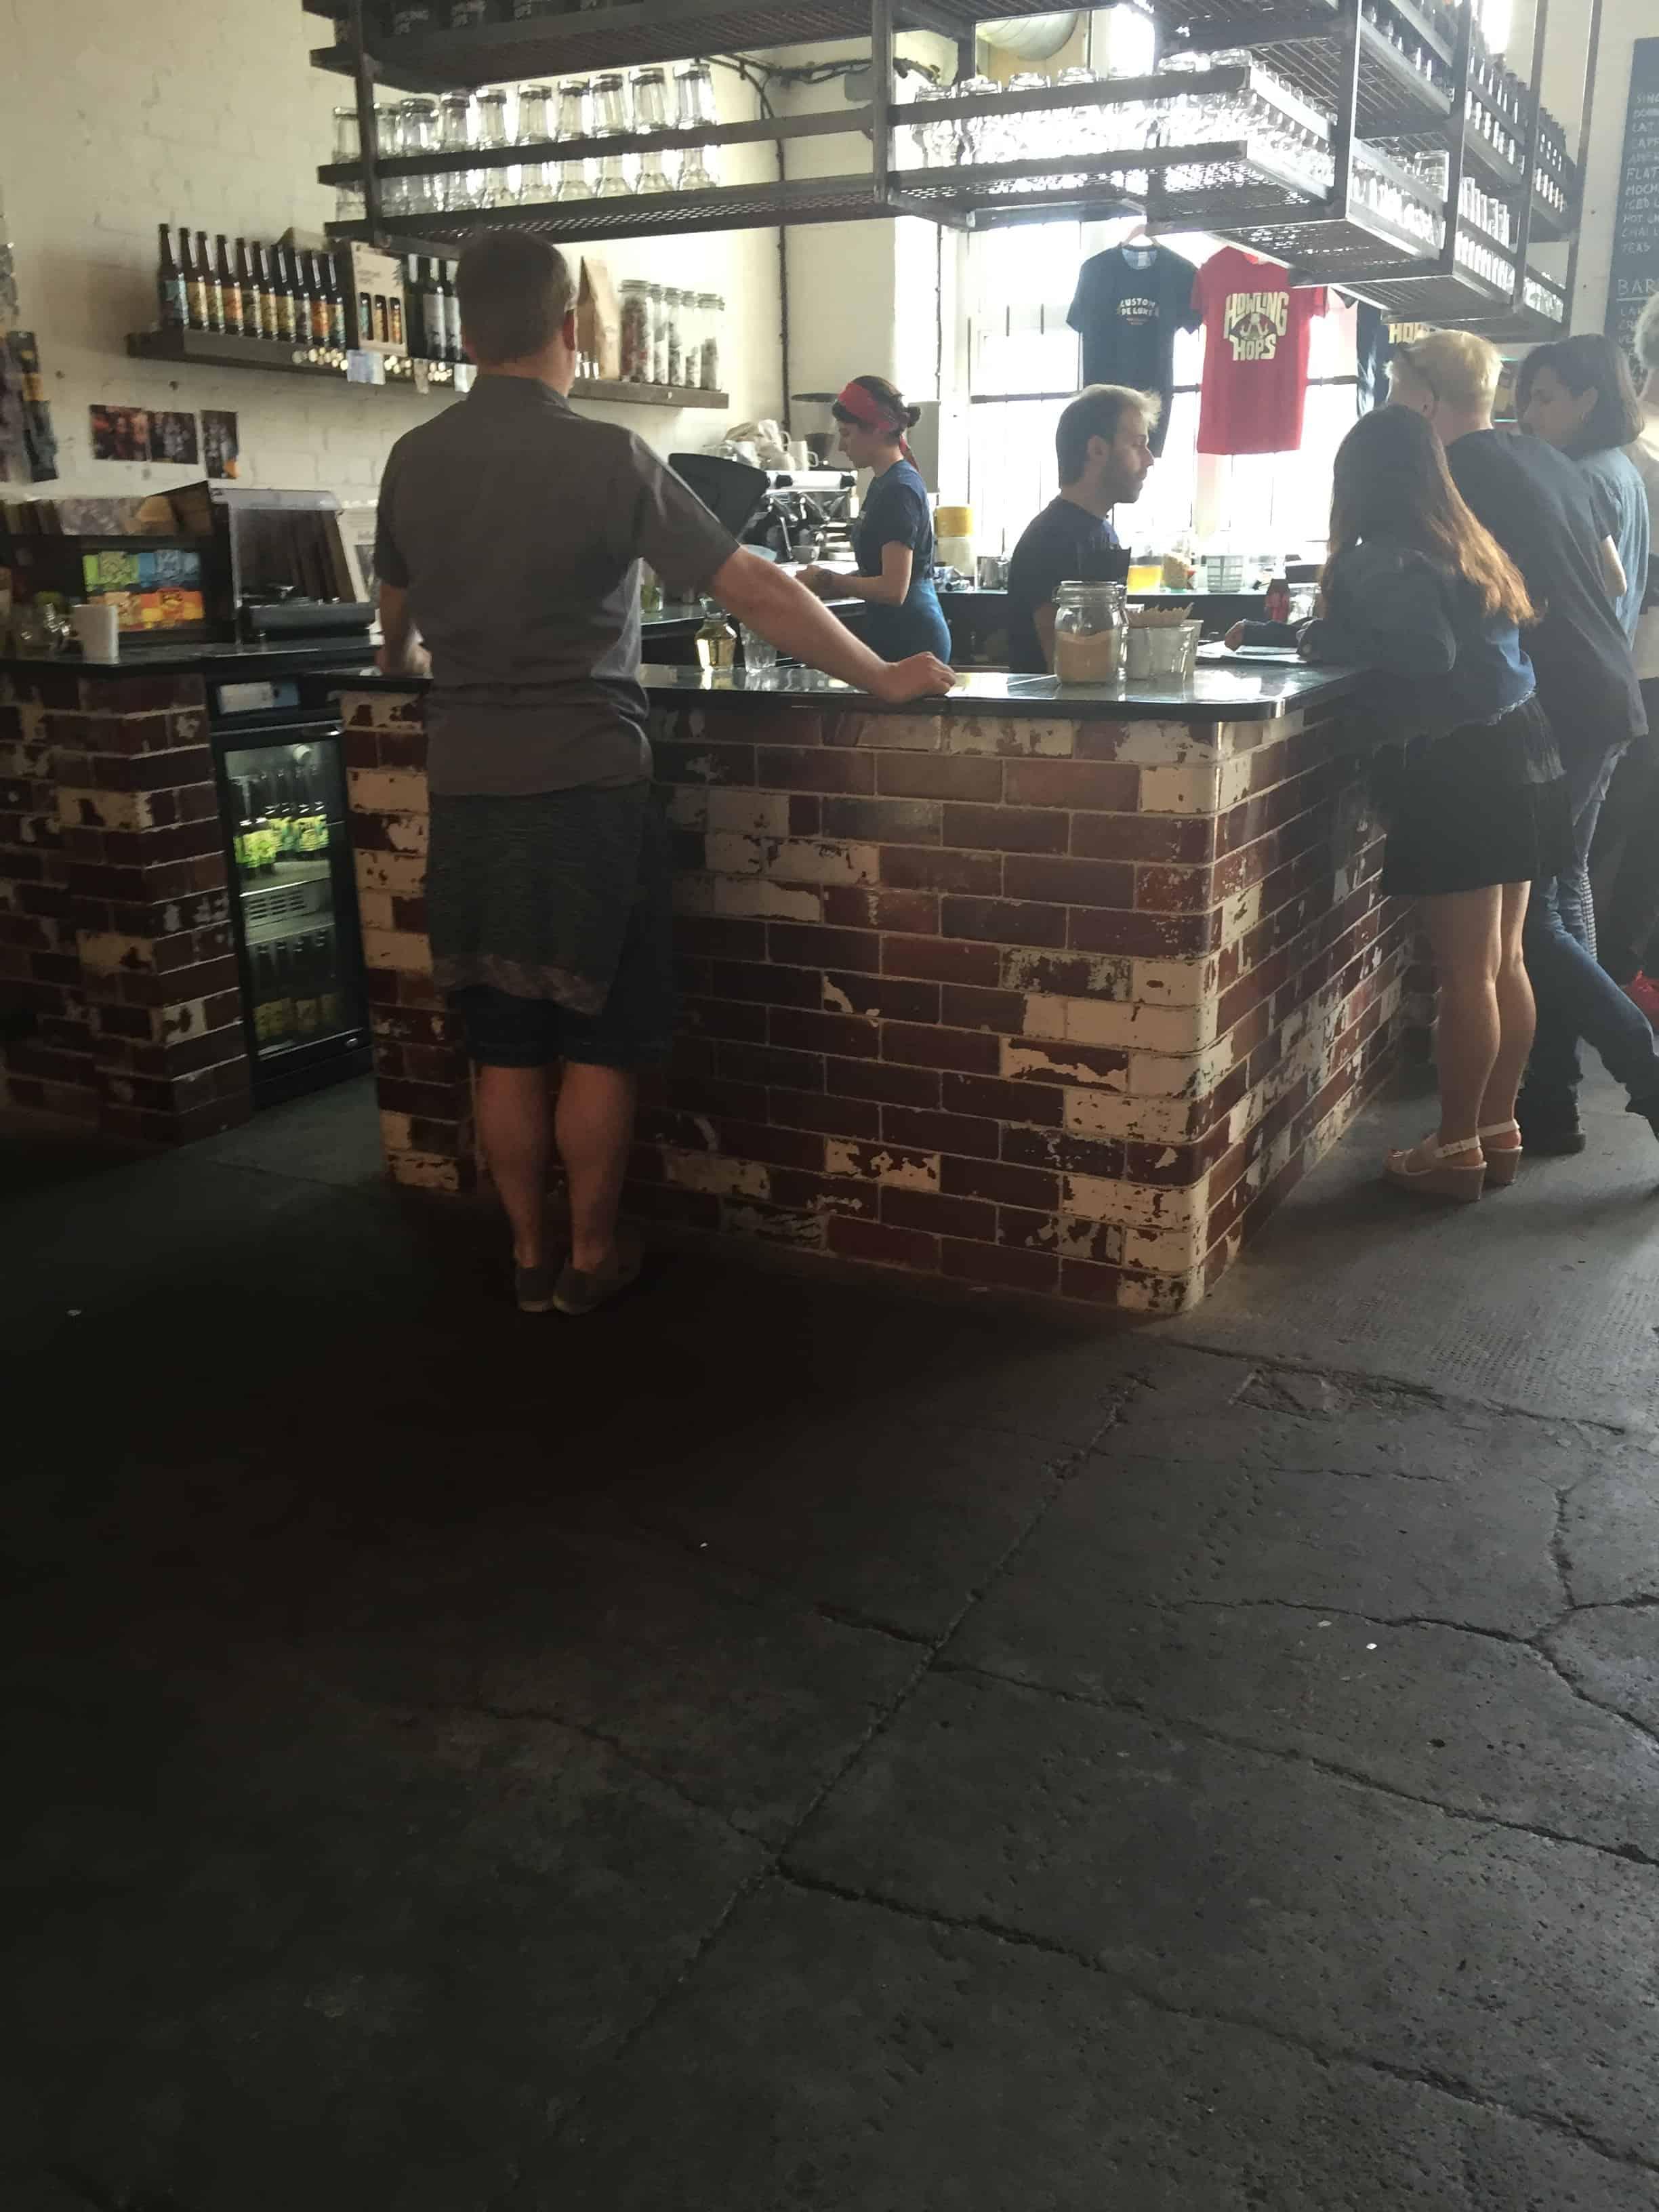 Howling Hops Pub in Hackney Wick